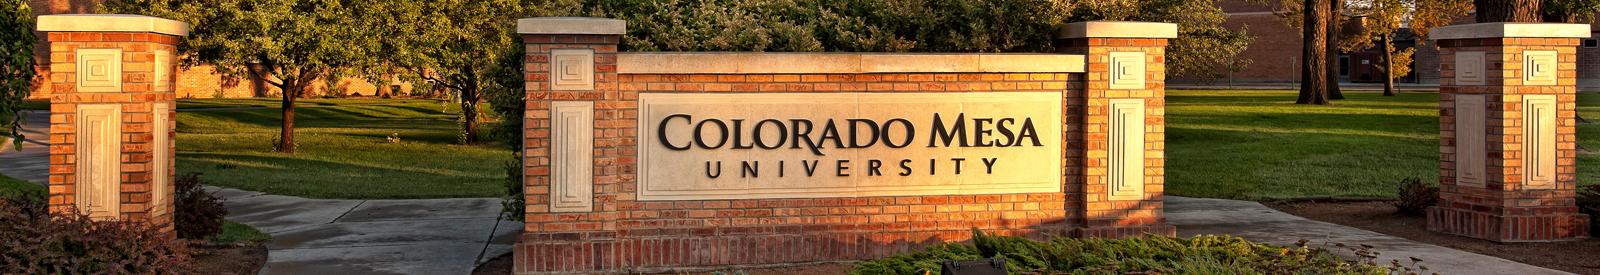 Wccc Campus Map.Campus Maps Colorado Mesa University